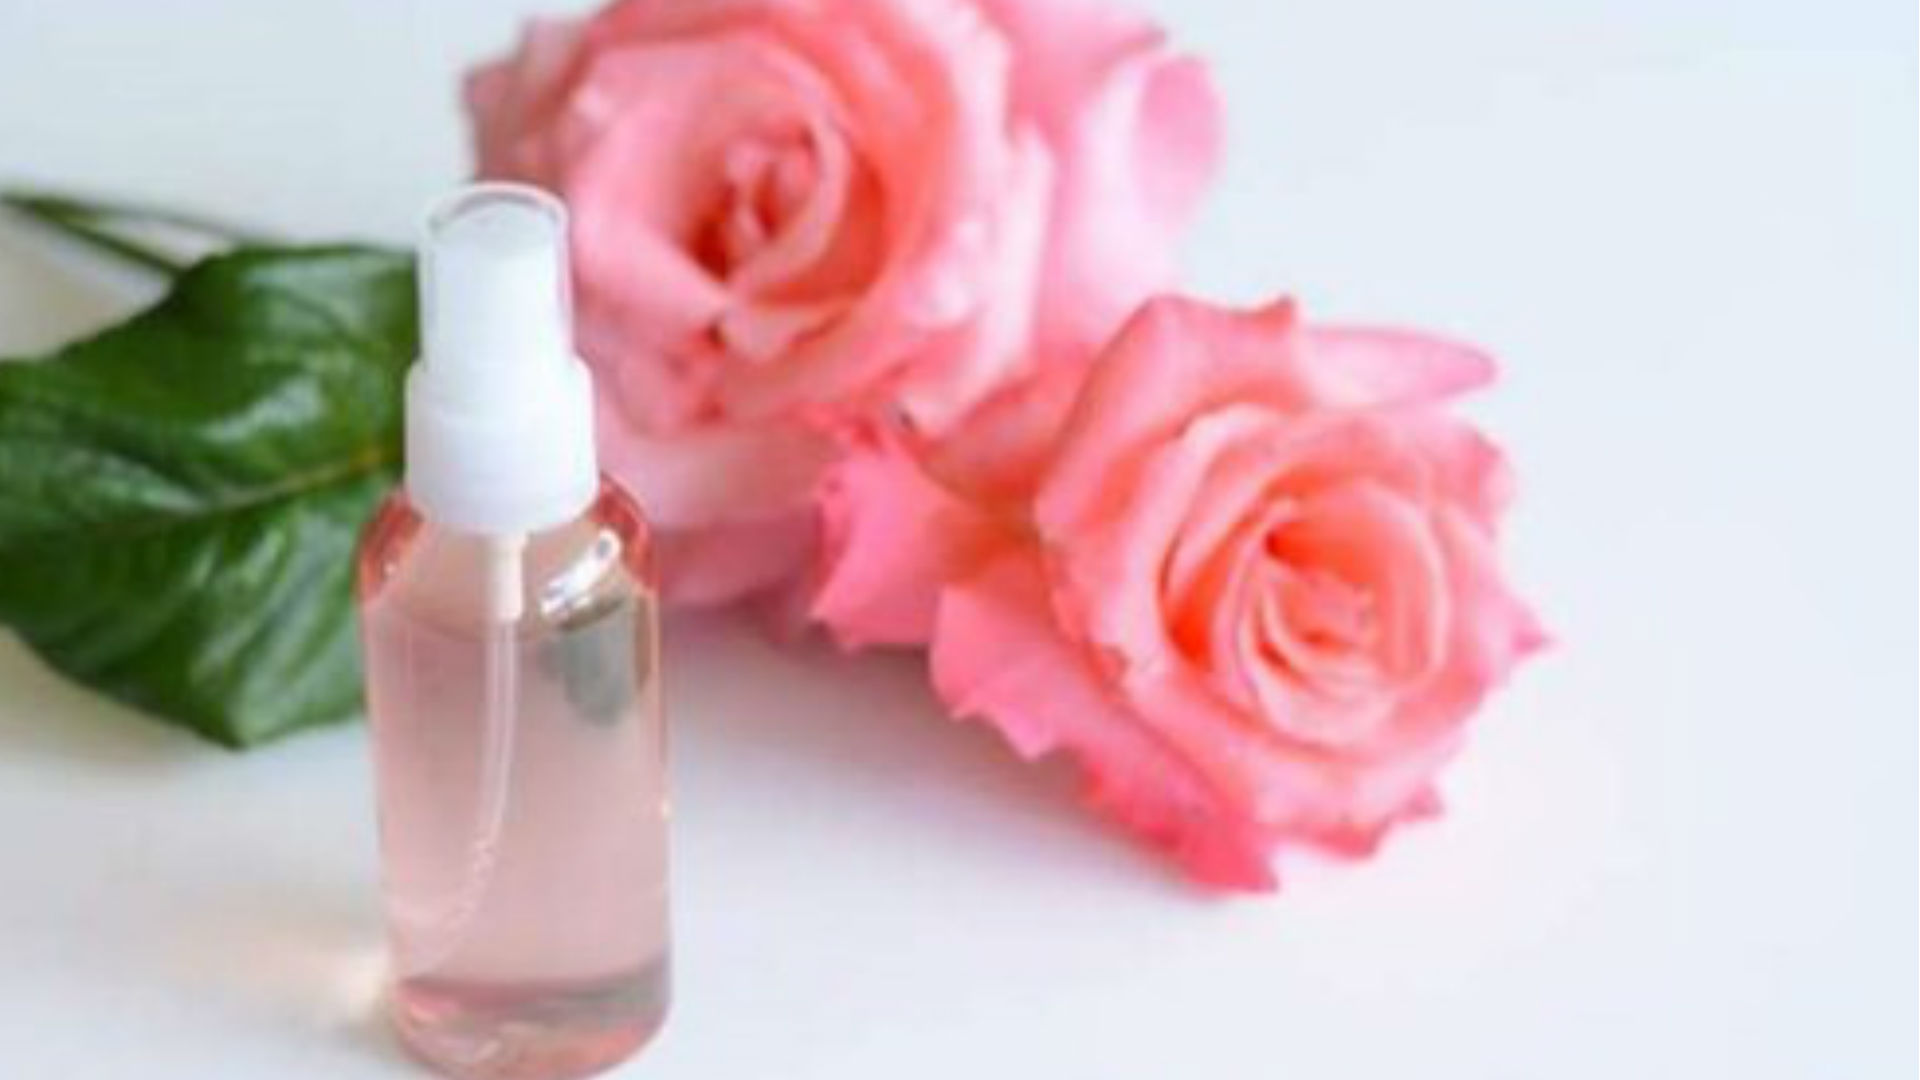 Eye Care Tips: आंखों के लिए कितना जरूरी है गुलाब जल, जानिए इसके इस्तेमाल के फायदे